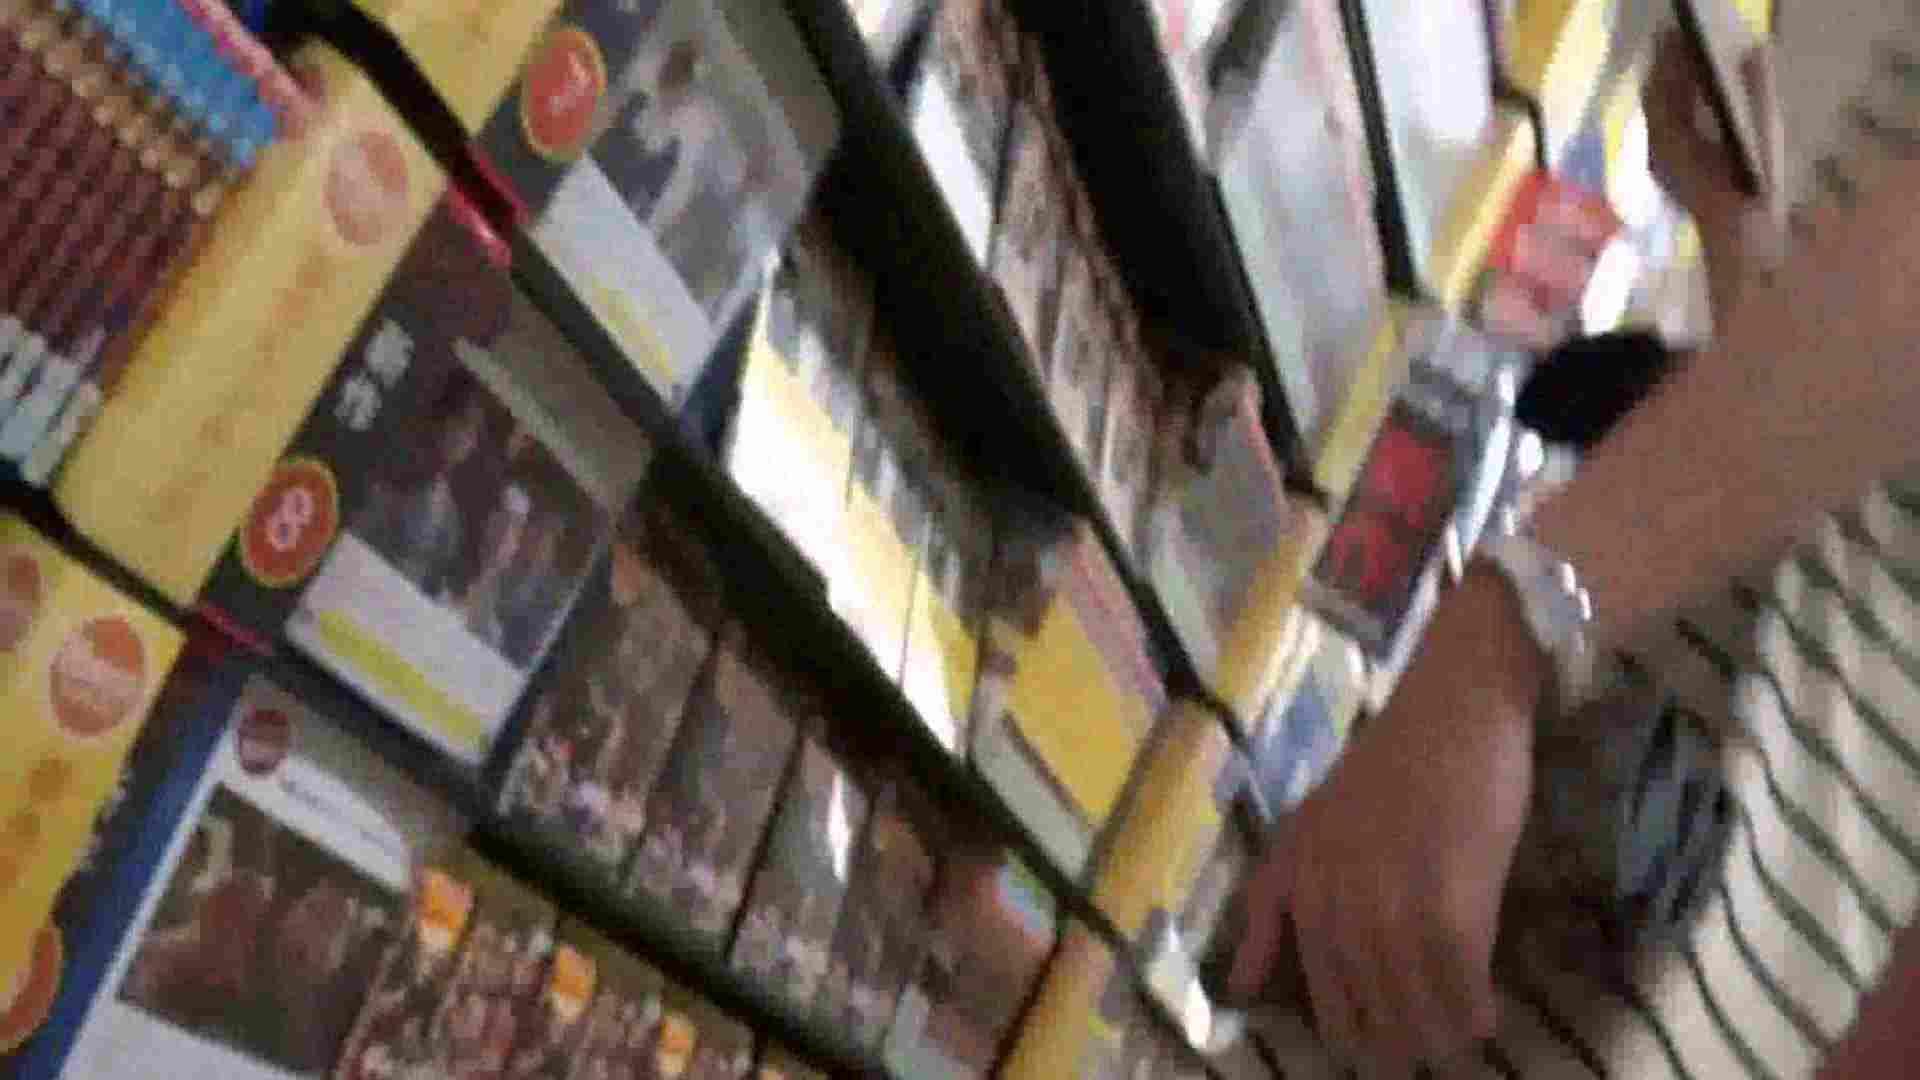 真剣に買い物中のgal達を上から下から狙います。vol.01 OL裸体 | チラ系  99画像 21